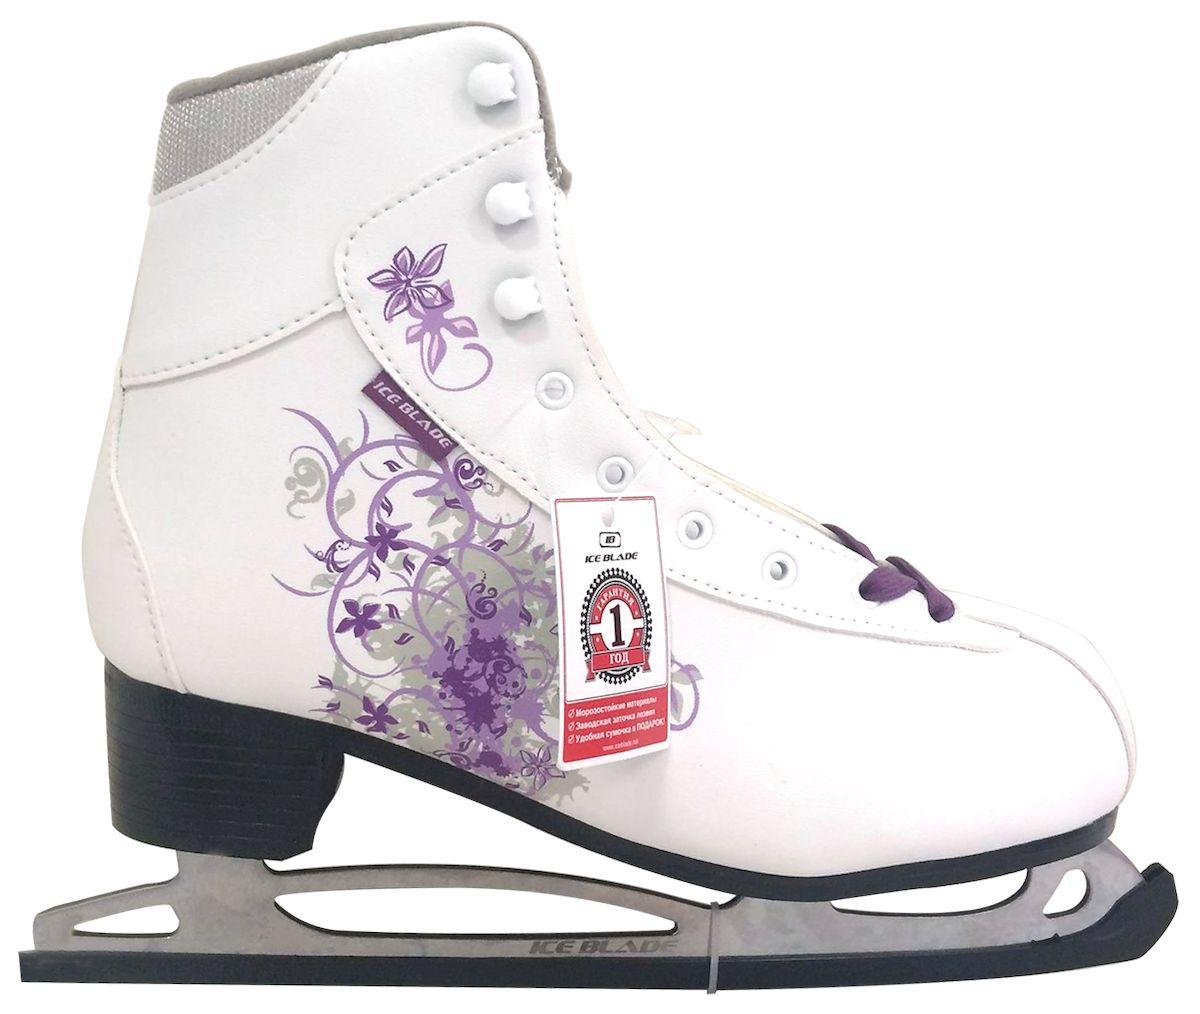 Коньки фигурные Ice Blade Sochi, цвет: белый, фиолетовый. УТ-00004988. Размер 37